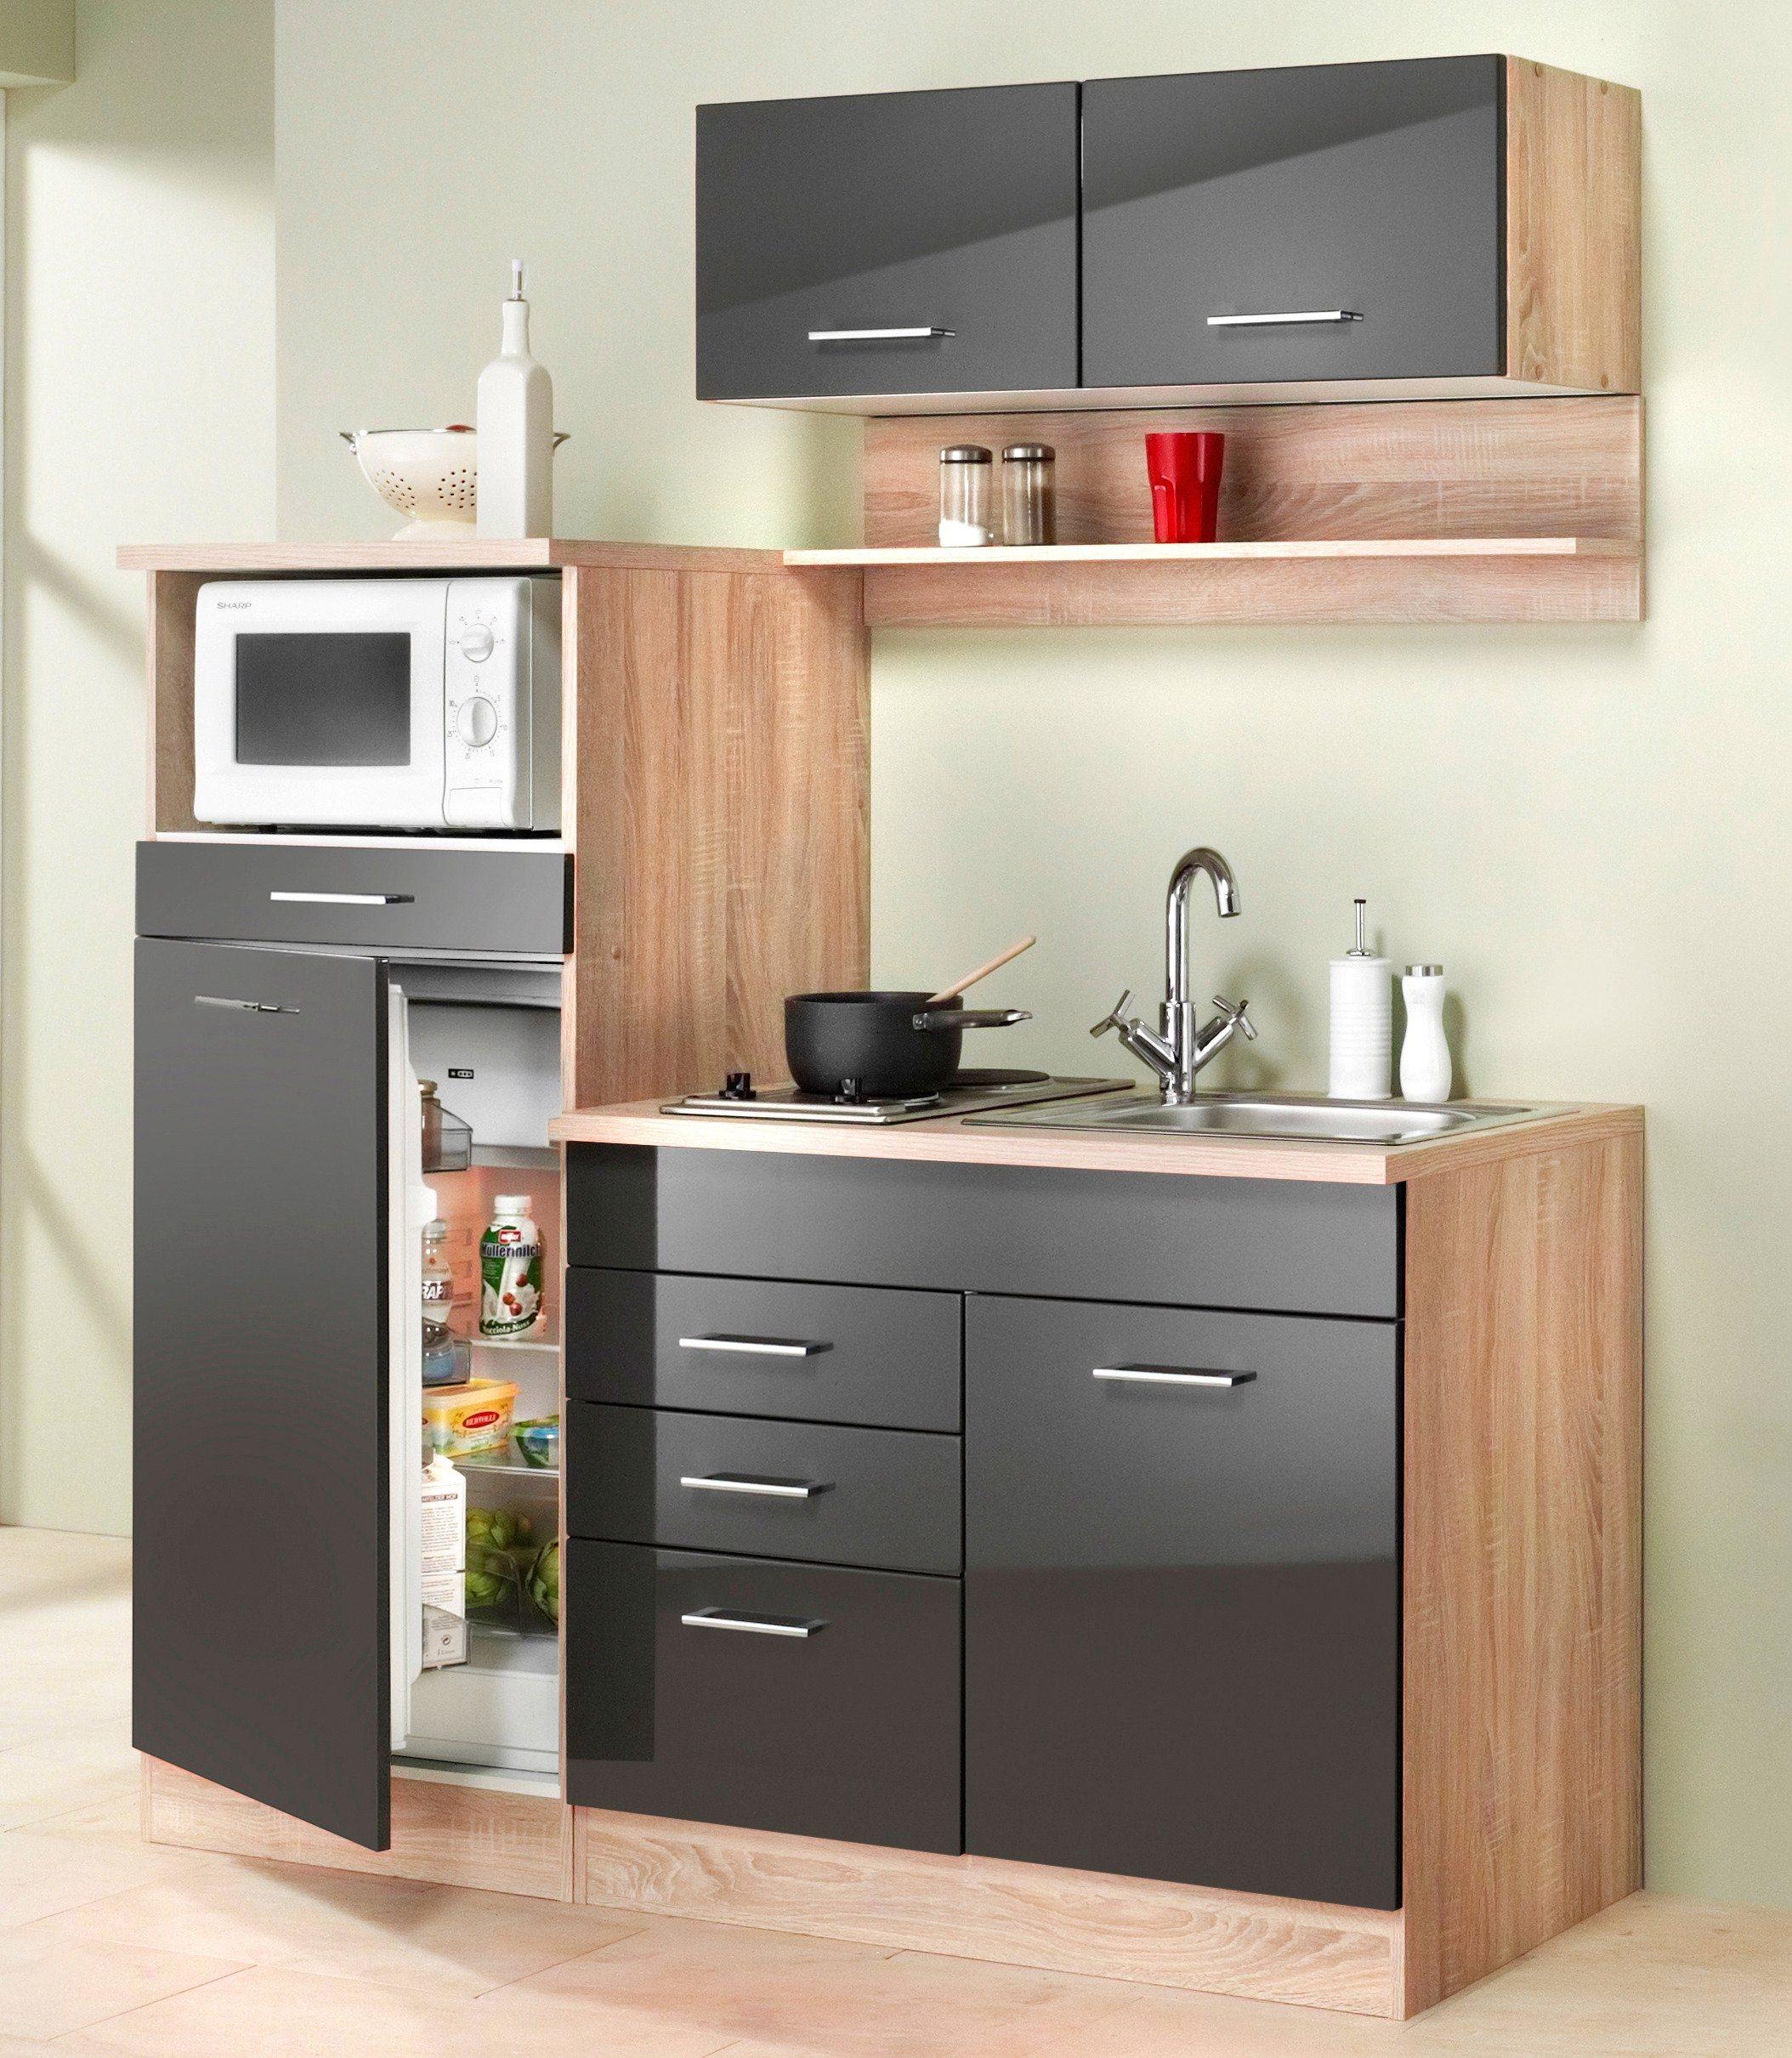 HELD MÖBEL Miniküche »Breite 160 cm«   Küche und Esszimmer > Küchen > Miniküchen   Weiß - Hochglanz - Hochglänzend   Hochglanz - Nussbaum - Eiche - Holzwerkstoff - Mdf - Hochglänzend - Metall   HELD MÖBEL